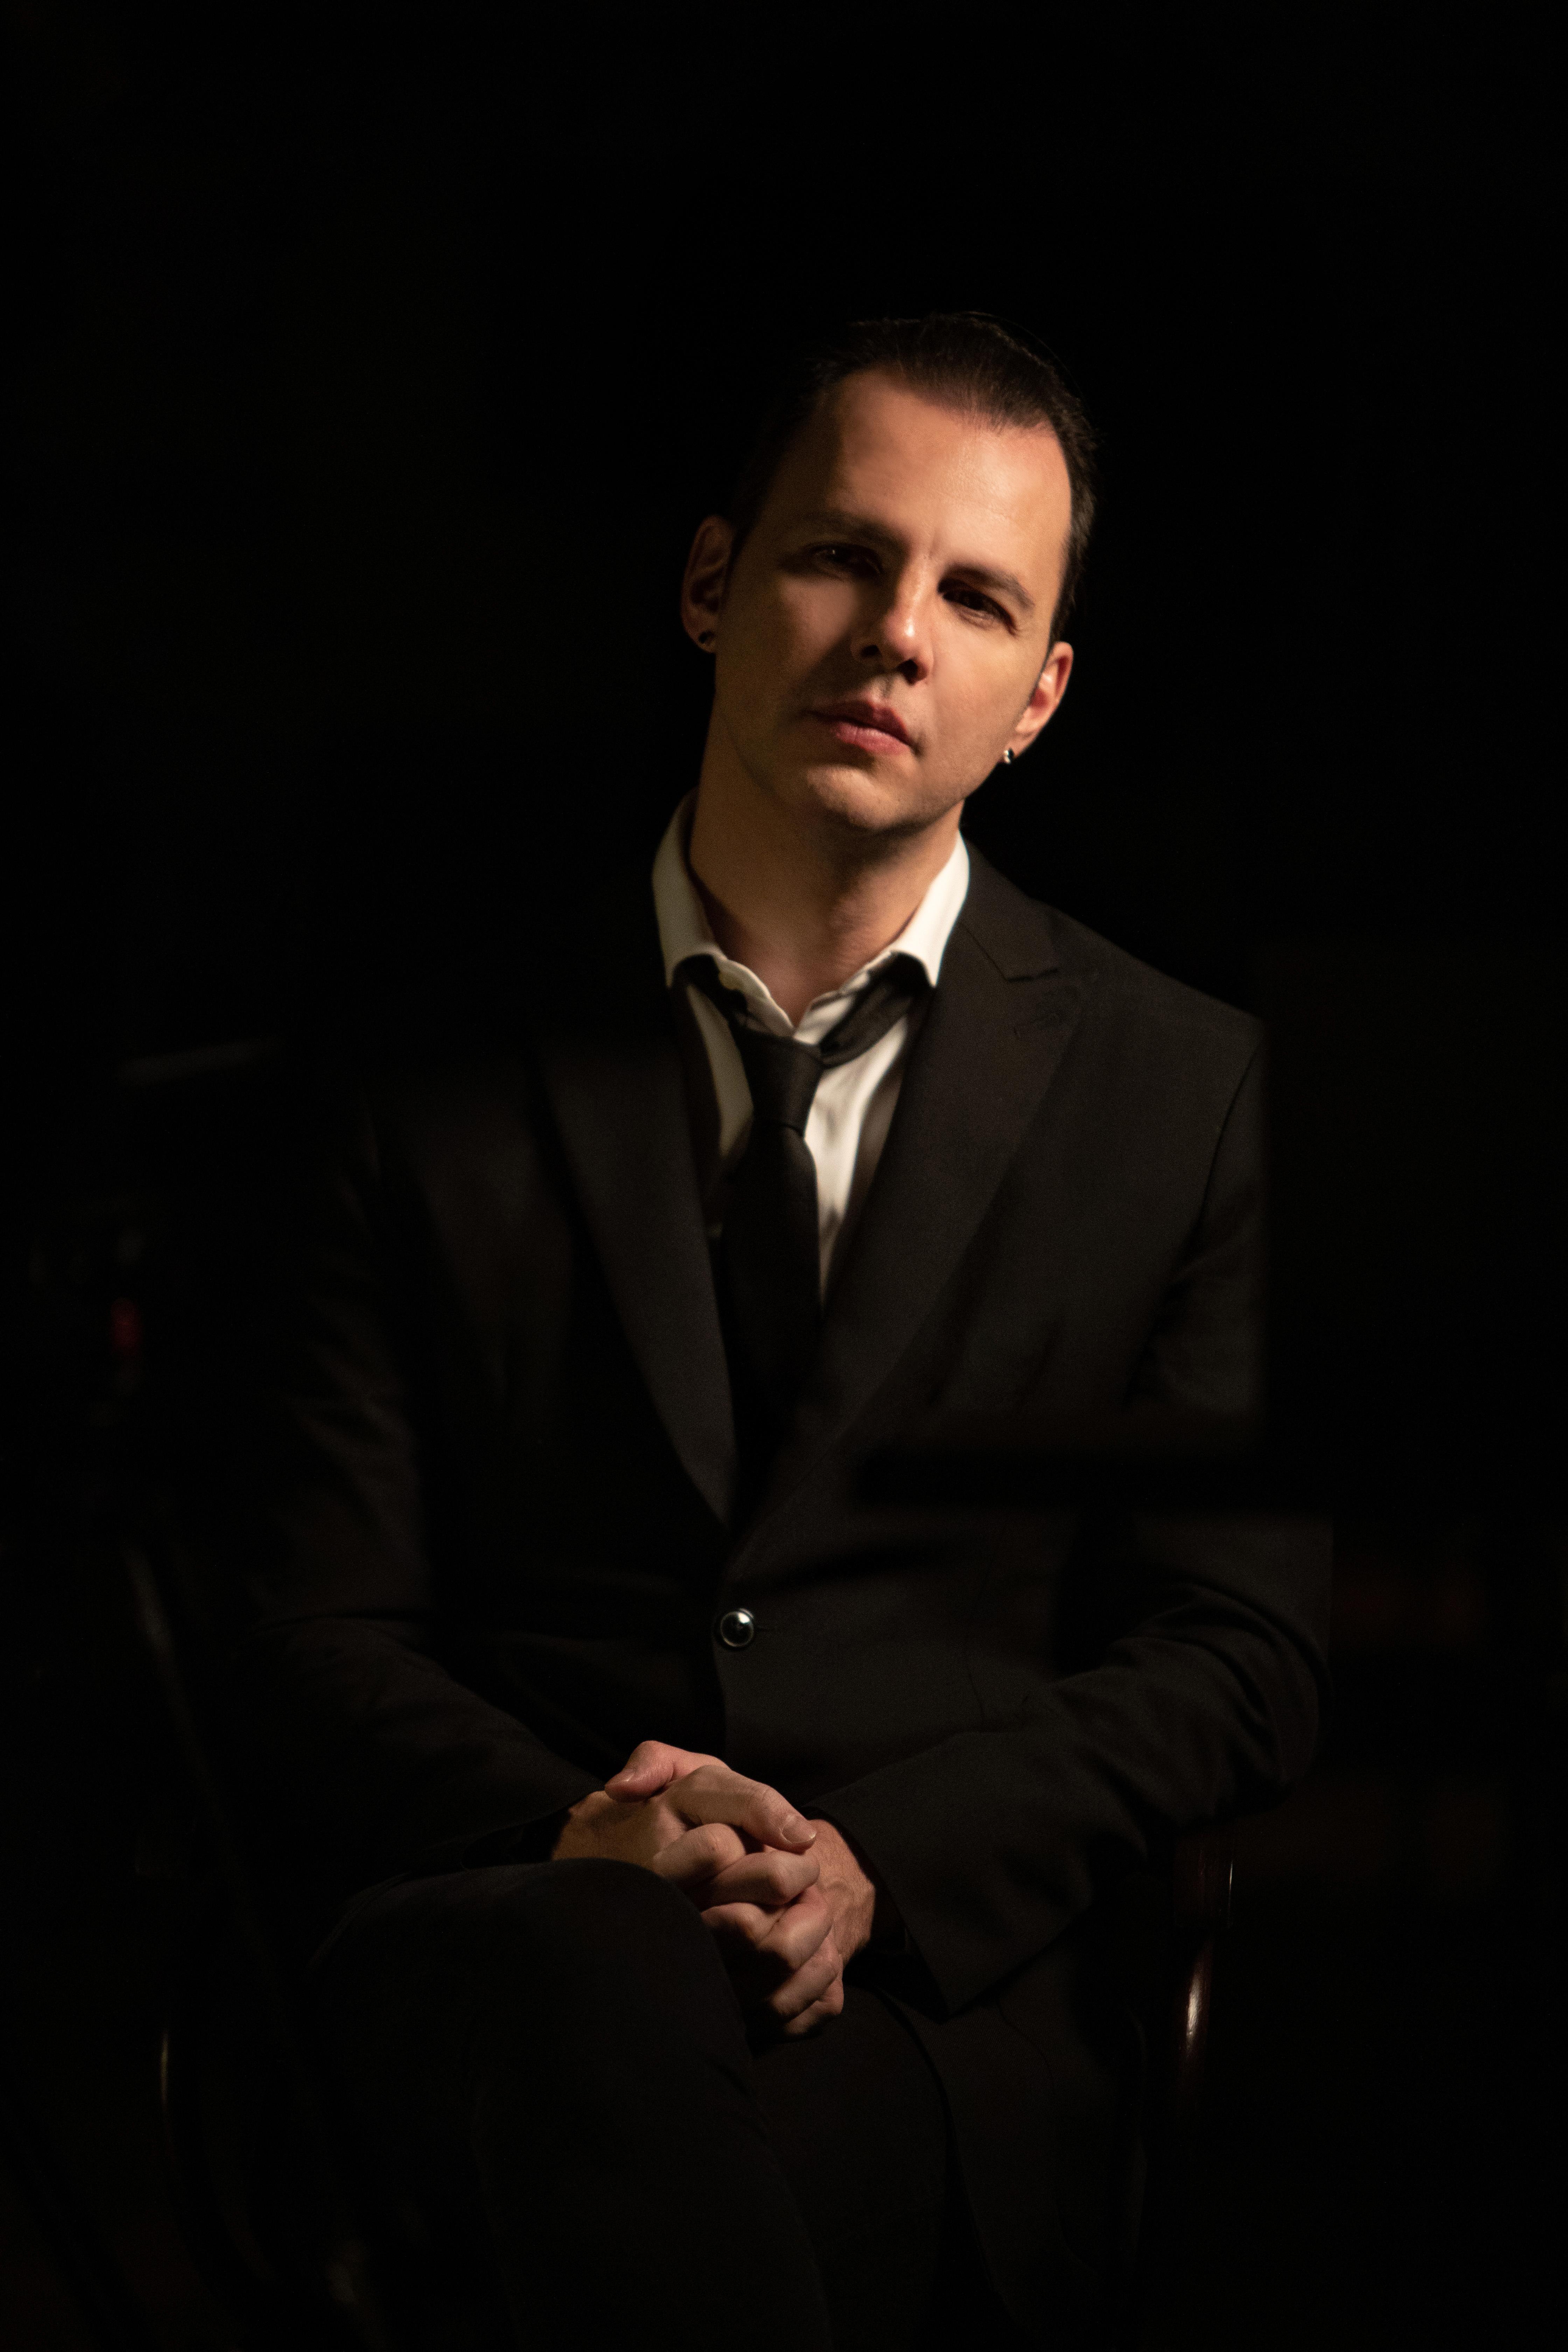 Teodor Currentzis, director